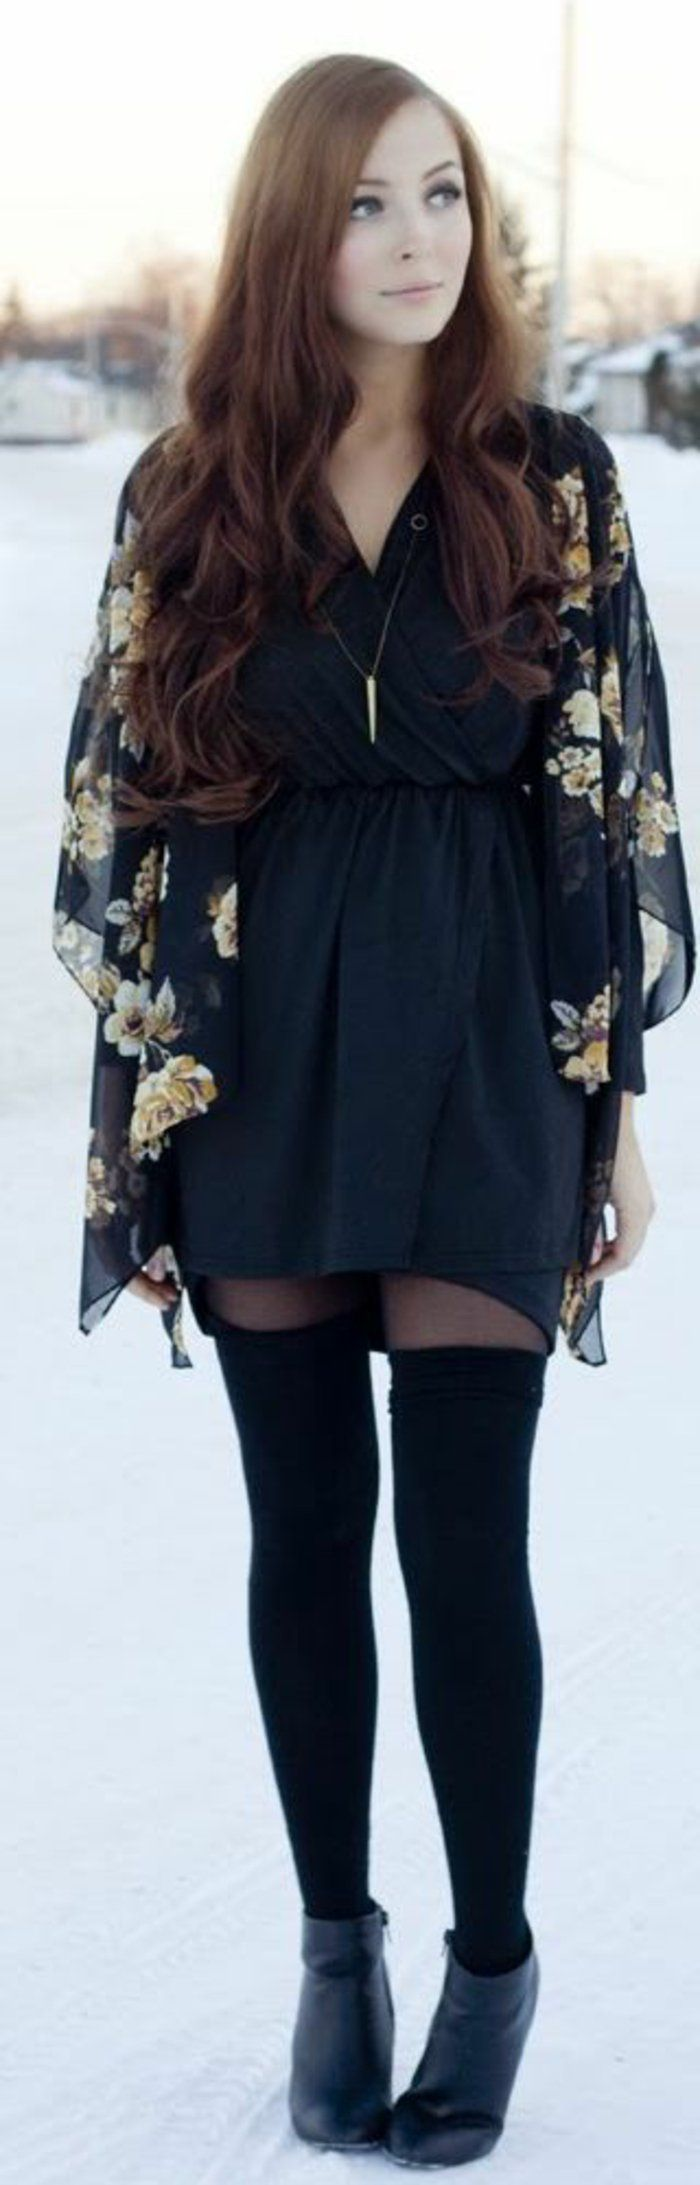 un look romantique en noir, de la soie élégante et un modèle de chaussette haute en coton très simple